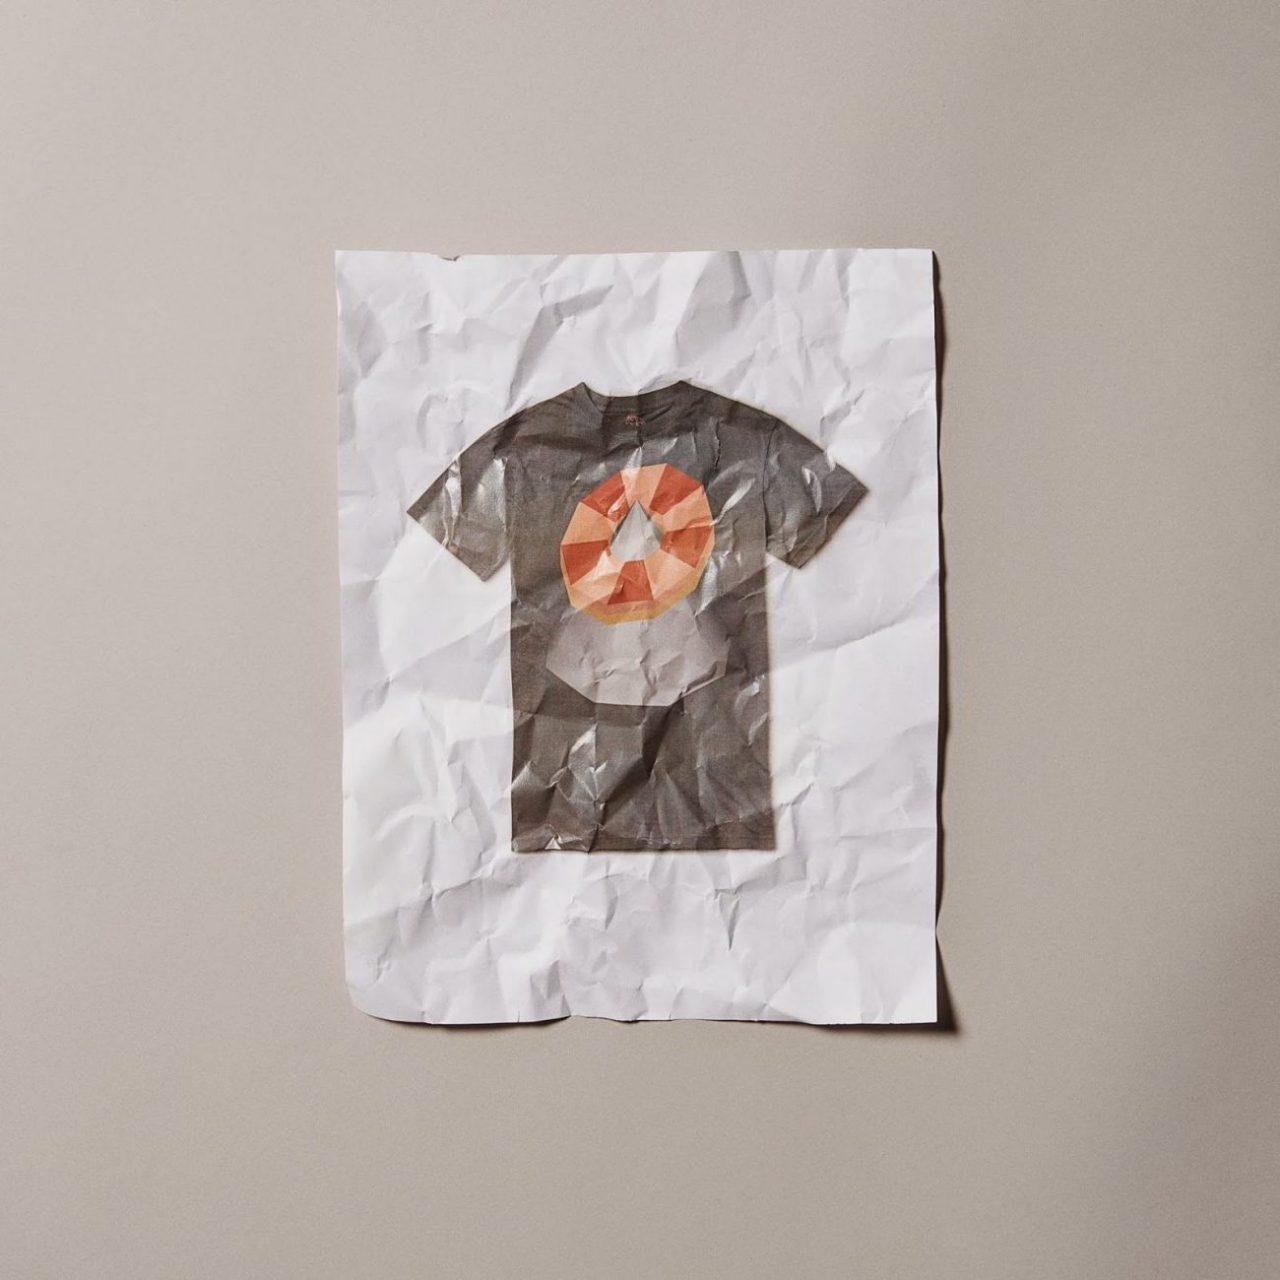 Altamont cria camisetas em parceria com Ben Jones